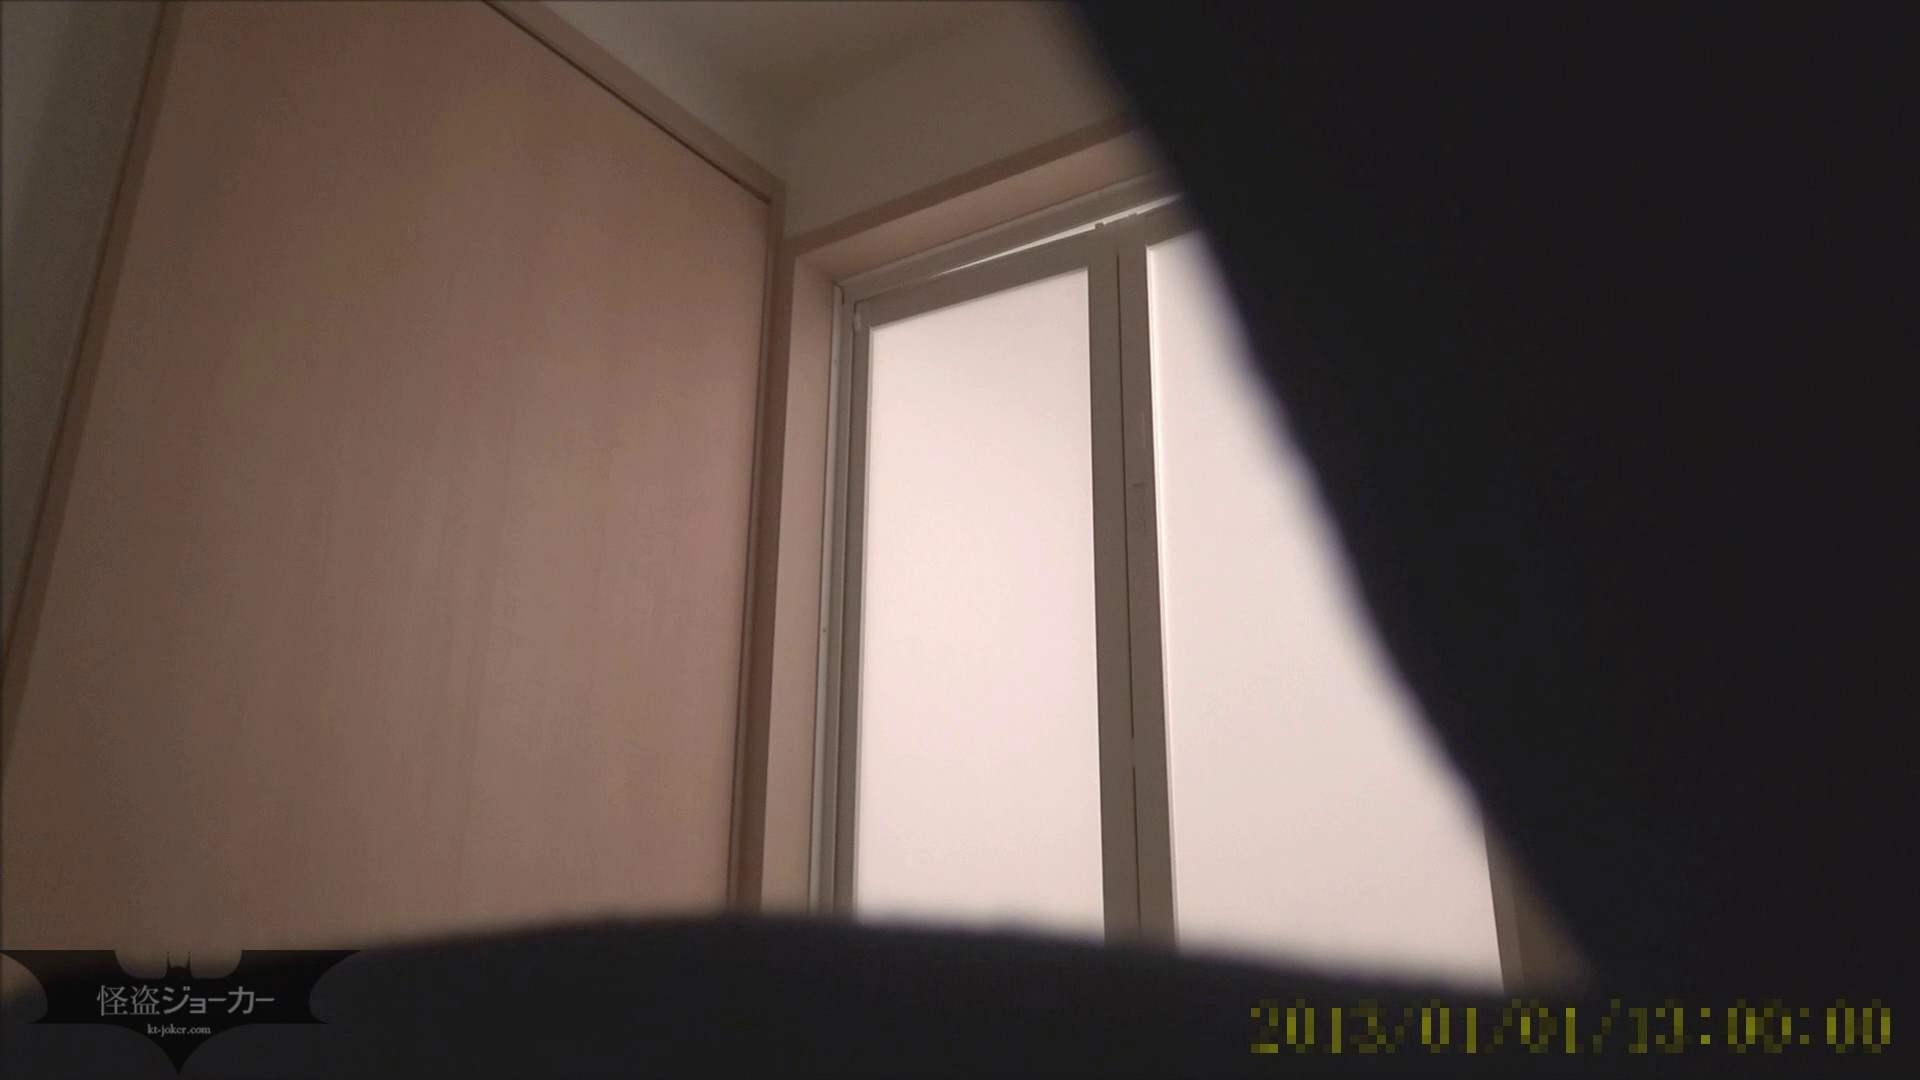 【未公開】vol.103  {黒髪→茶髪ボブに変身}美巨乳アミちゃん④【前編】 ギャル攻め AV無料 92画像 62